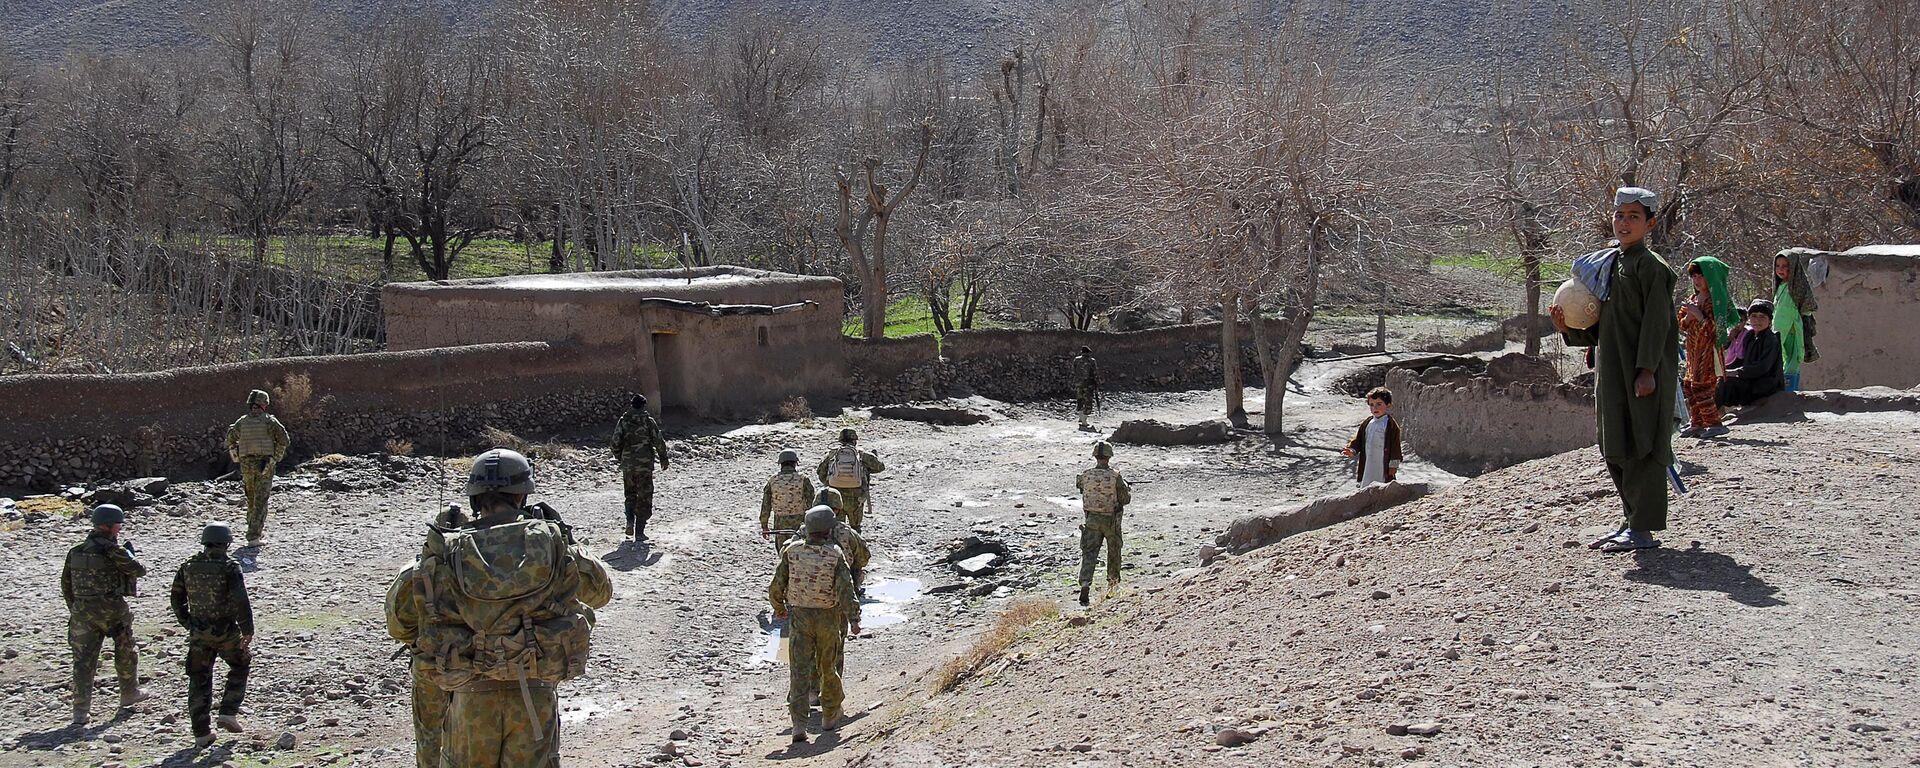 Австралийские солдаты в Афганистане  - Sputnik Таджикистан, 1920, 29.07.2021